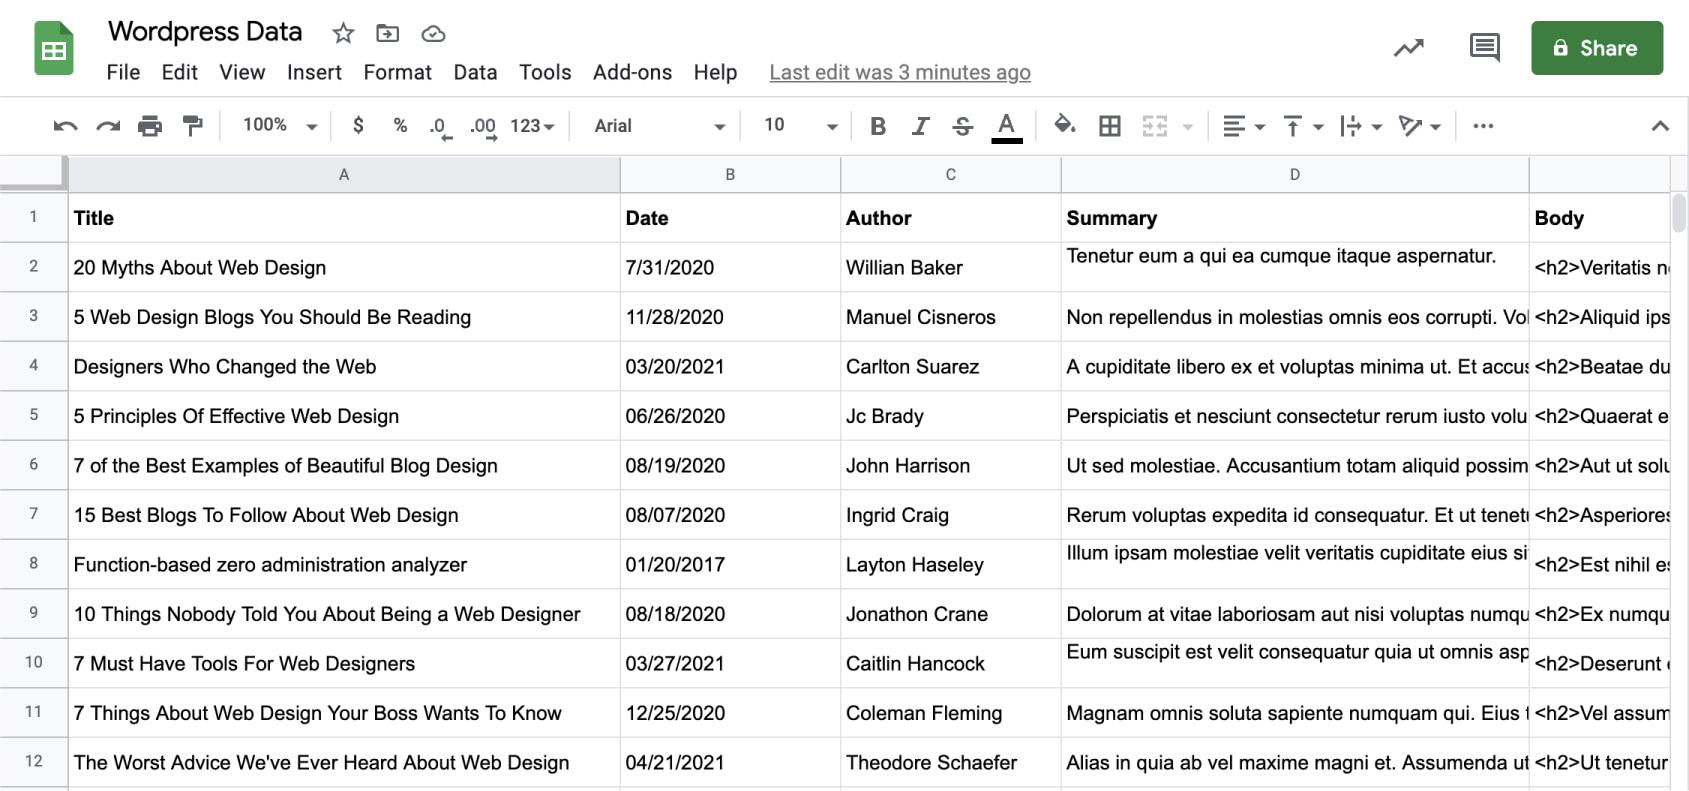 Screenshot of a Google Sheet of Website Data